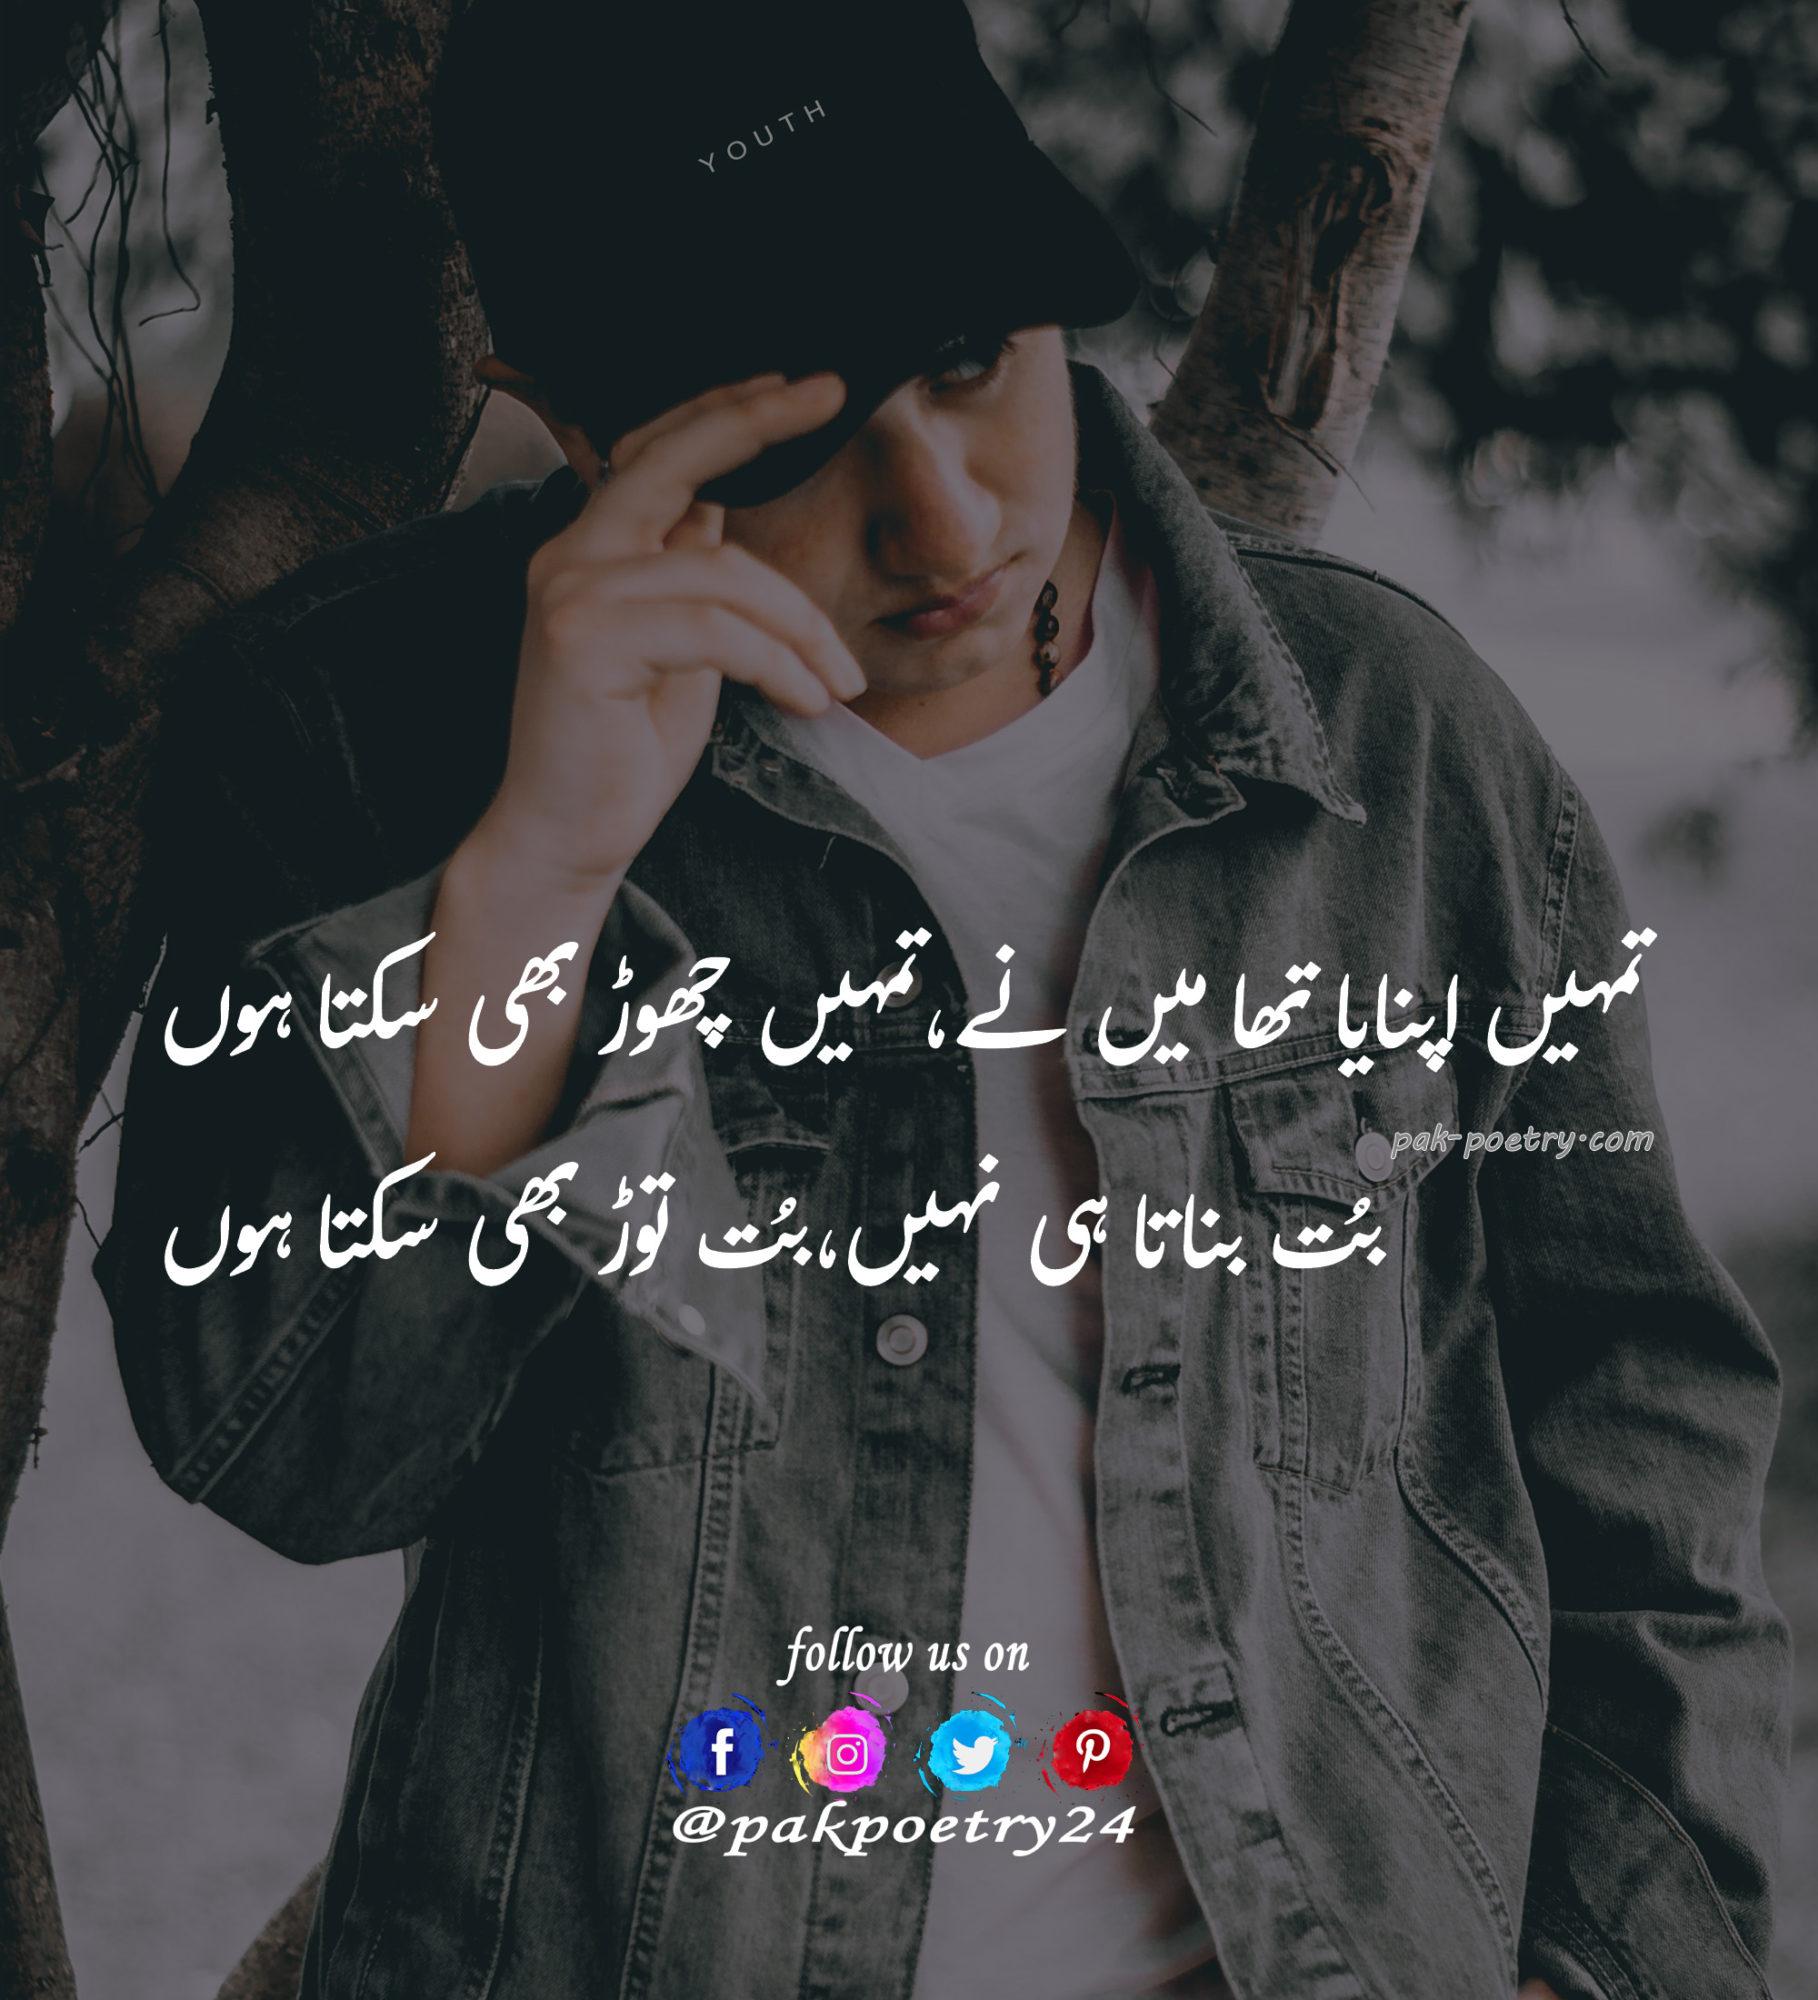 attitude poetry, attitude poetry in urdu, attitude:r9bfujnttpq= poetry, attitude poetry urdu, attitude urdu poetry, attitude:9blbejktplc= poetry in urdu, attitude:rvdin-f3bjw= urdu poetry, poetry attitude, attitude:68ff3osntxs= urdu poetry, urdu attitude poetry, attitude poetry images, attitude urdu shayari, urdu:9blbejktplc= attitude poetry, urdu poetry attitude, poetry urdu attitude, attitude:xwlcfcd7lne= poetry in urdu, poetry in urdu attitude, attitude:9blbejktplc= poetry urdu, poetry attitude in urdu, joker poetry in urdu, attitude poetry in urdu 2 lines, poetry poetry, poetry on attitude, poetry attitude urdu, poetry on attitude in urdu, poetry about attitude in urdu, urdu poetry on attitude, poetry about attitude, attitude:9blbejktplc= urdu shayari, attitude joker poetry in urdu, urdu shayari attitude, joker attitude poetry, attitude:tgfngyhjnbg= poetry in urdu, attitude:r9bfujnttpq= urdu:9blbejktplc= poetry, funny attitude poetry, poetry in attitude, atitude poetry in urdu, joker poetry urdu, girl:e2tgcjqawvu= attitude poetry in urdu, attitude dushmani poetry, attitude poetry in urdu text, attitude:uexshewljgy= poetry images, joker urdu poetry, poetry for attitude, atitude poetry, poetry, full attitude poetry in urdu, urdu poetry about attitude, poets in urdu,